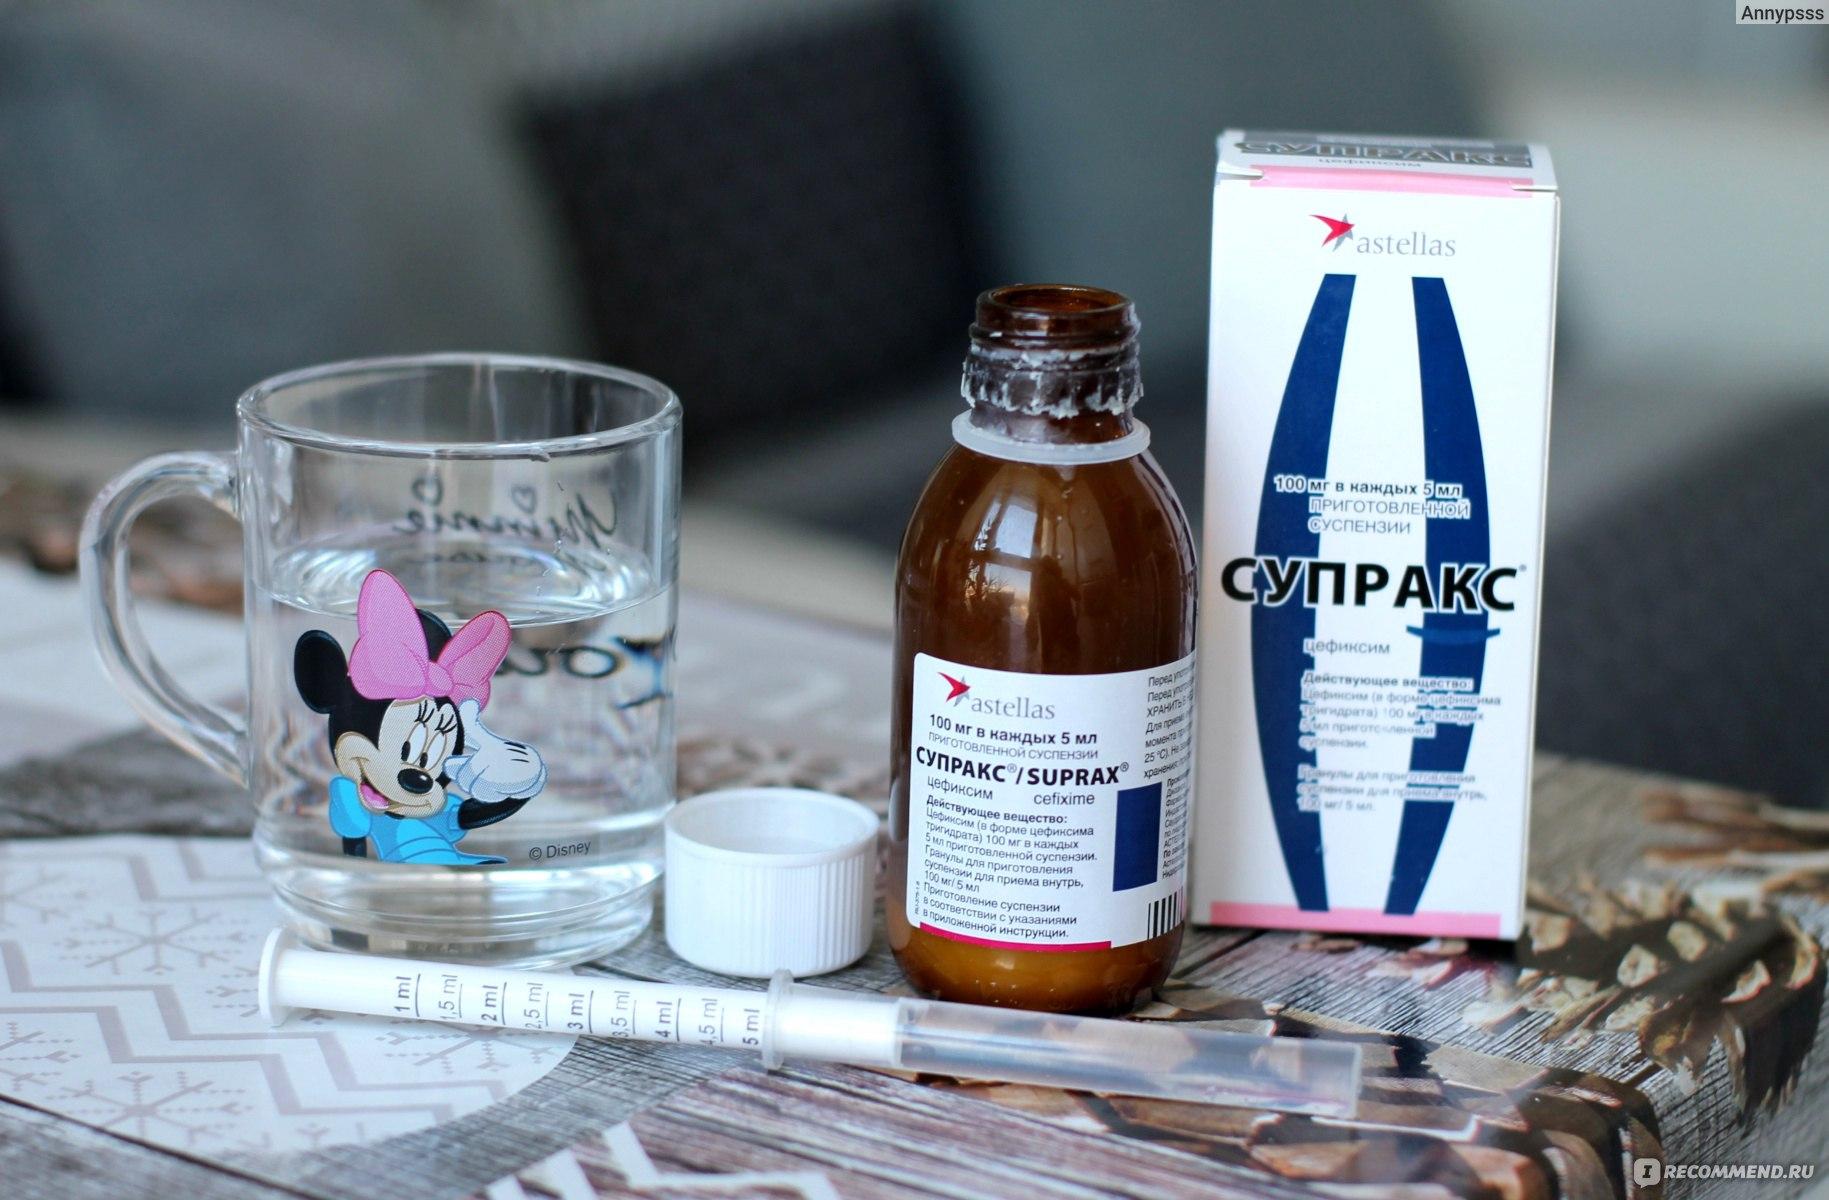 Супракс: инструкция по применению для детей и взрослых, действующее вещество, формы выпуска, аналоги антибиотика